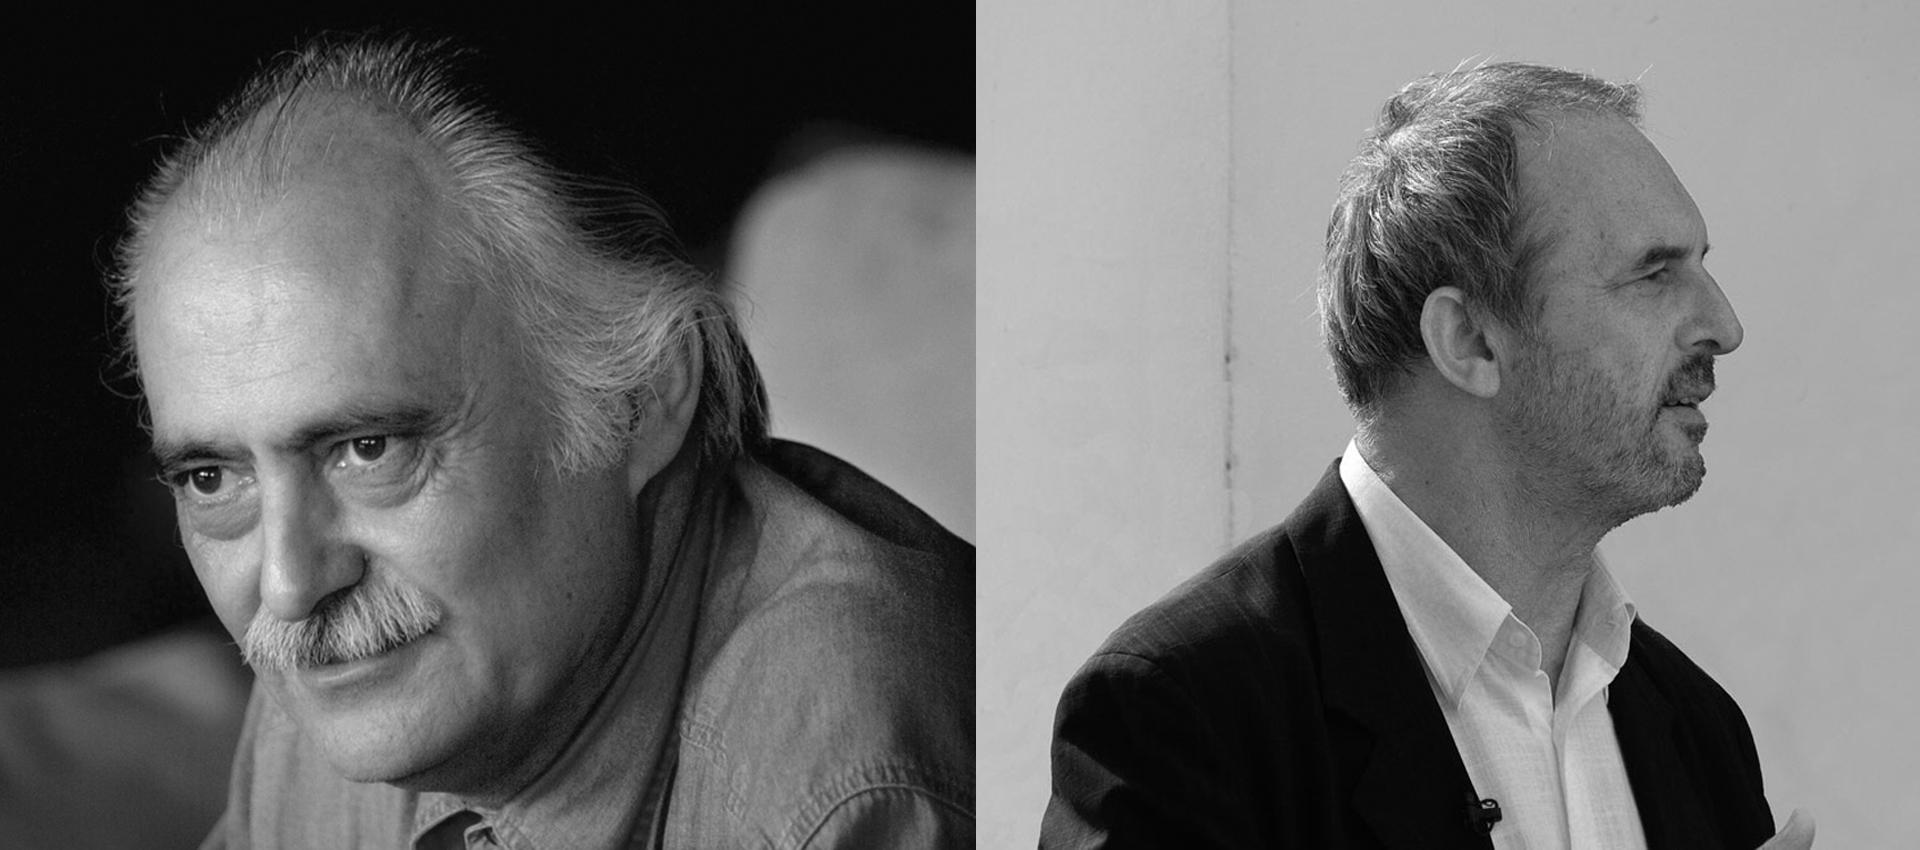 Victor López Cotelo + Guillermo Vázquez Consuegra. Composición